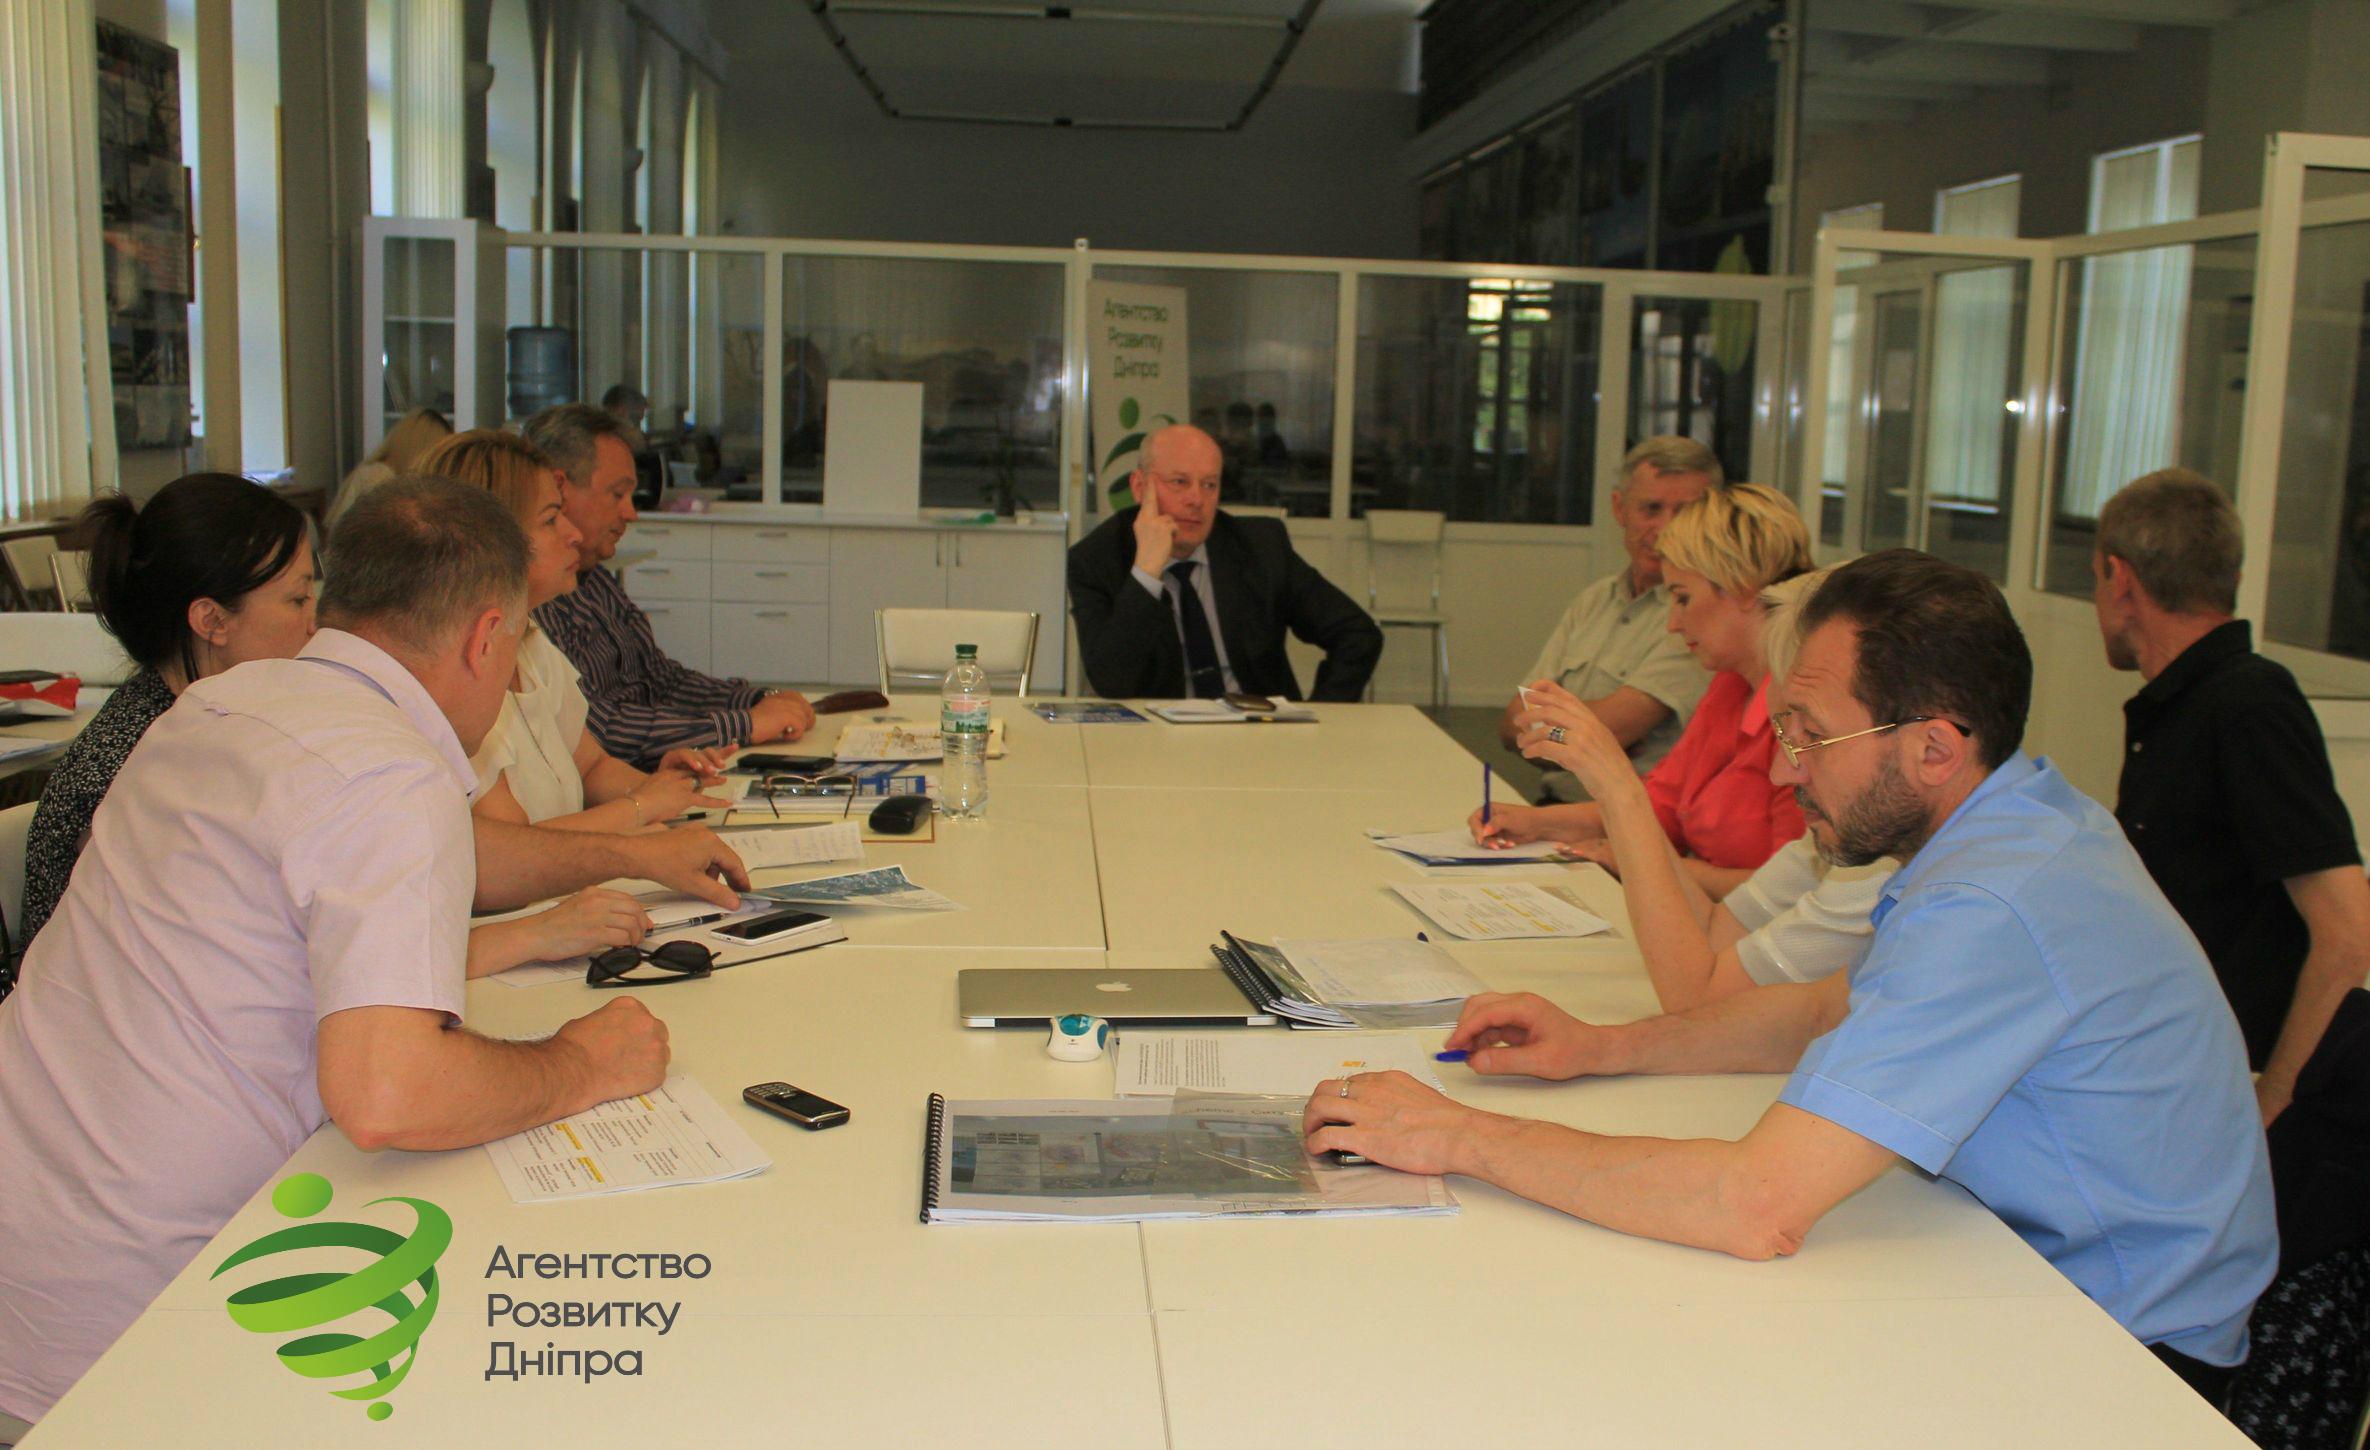 Представники «Агентства розвитку Дніпра» та ПАТ «ІНТЕРПАЙП НТЗ» узгоджують дорожню карту створення Індустріального парку в м. Дніпрі